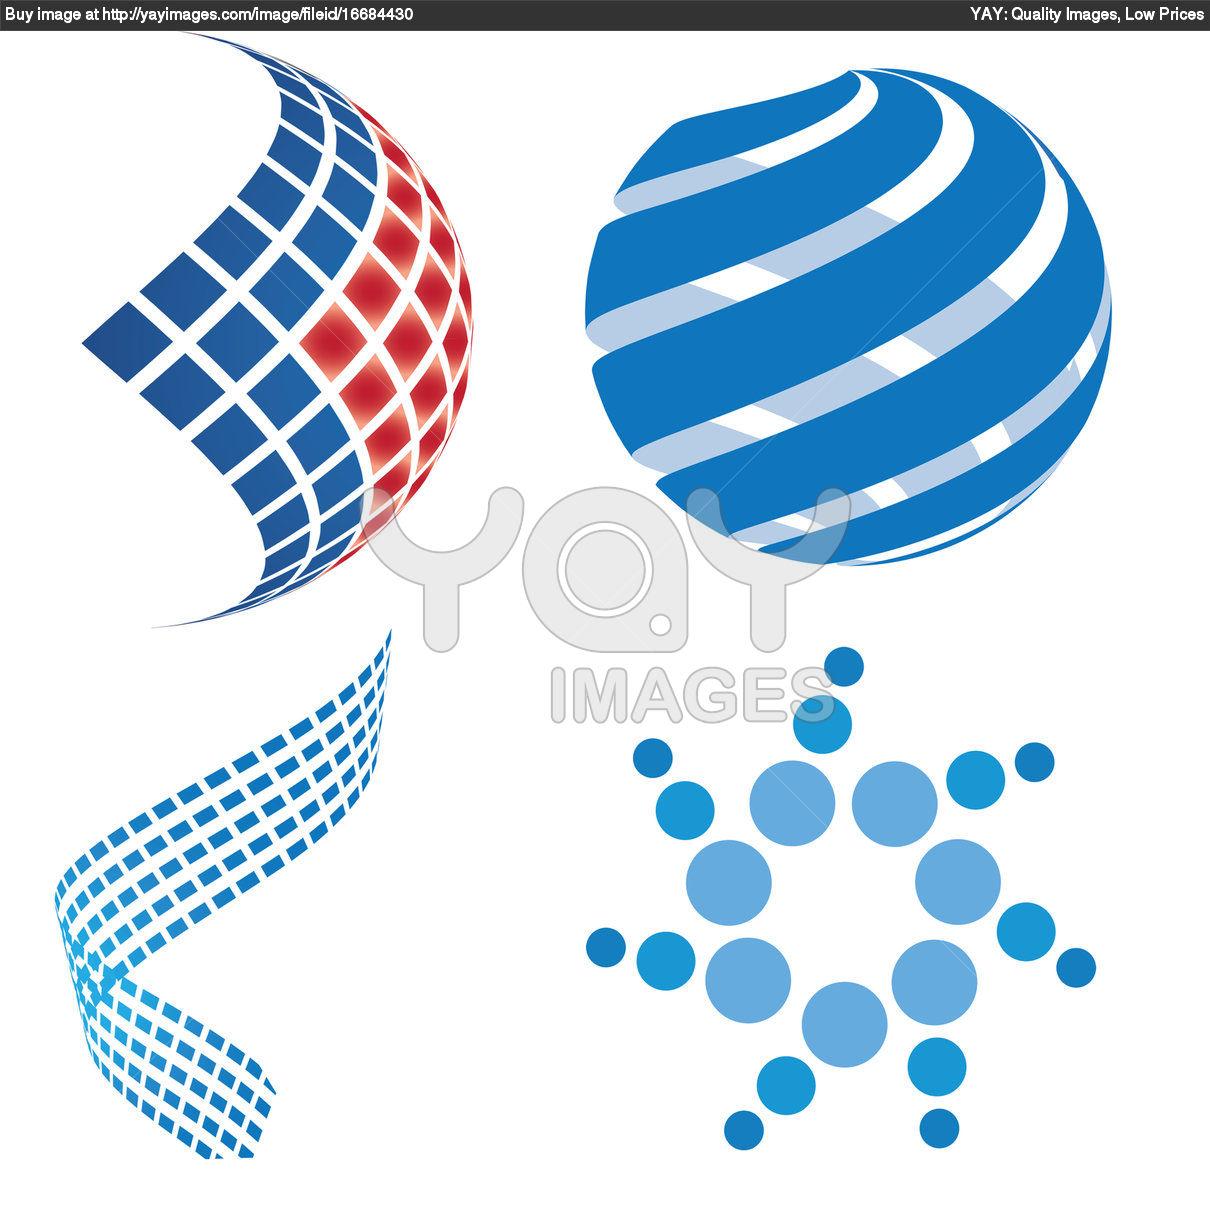 ... free image of business logo design 3d 1210x1210 Design A Company Logo